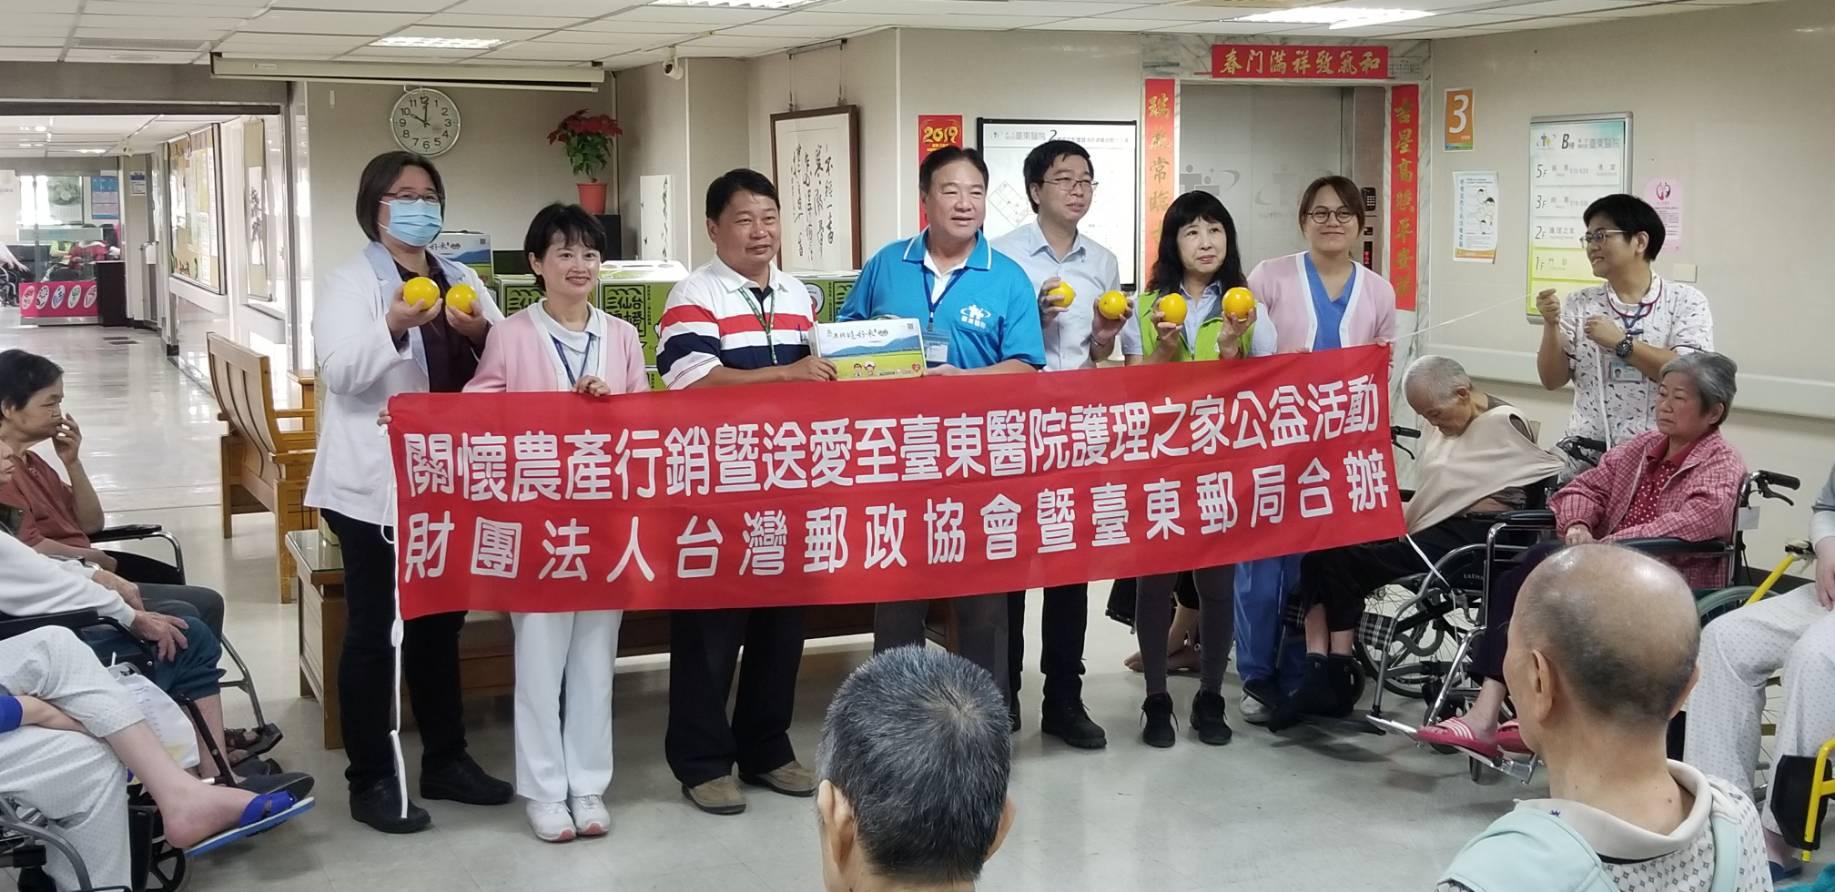 臺東郵局「關懷農產行銷暨送愛至臺東醫院護理之家」